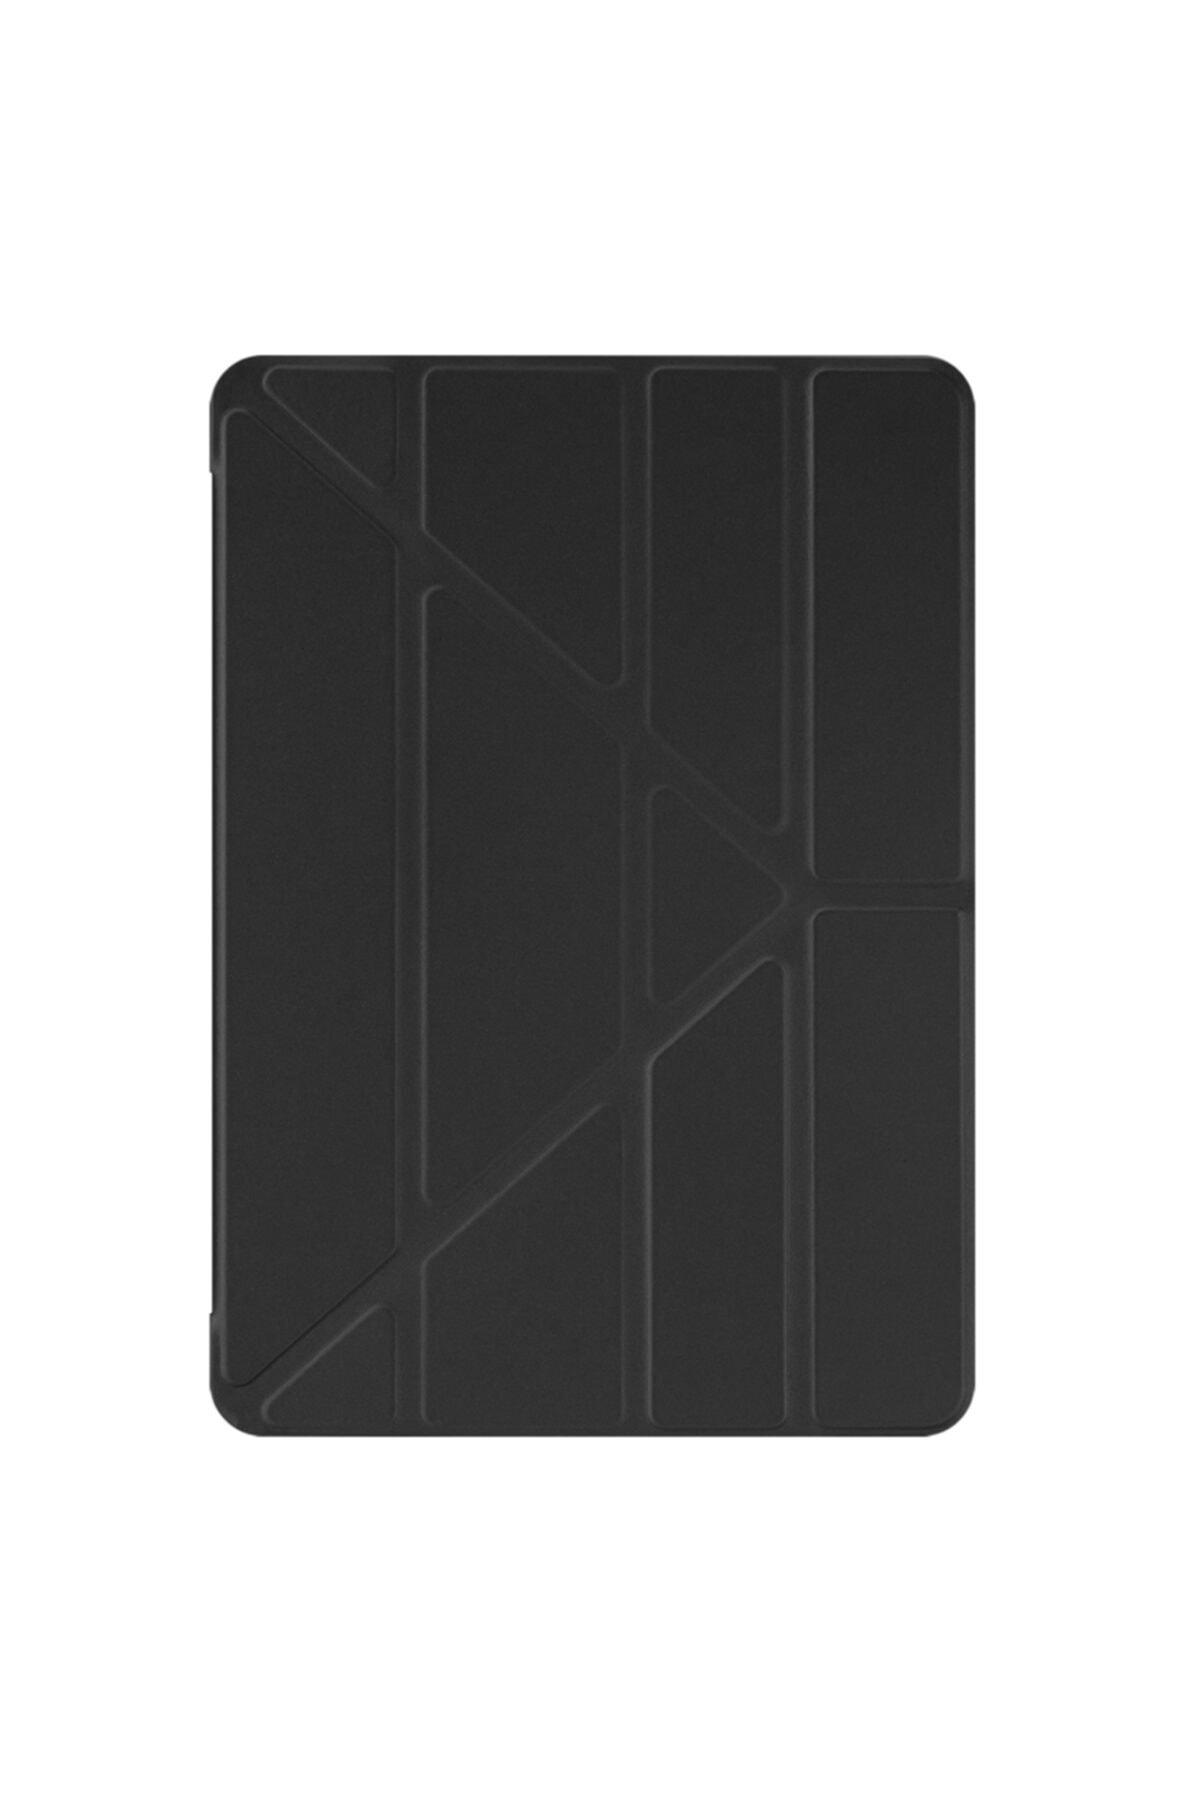 Microsonic Samsung Galaxy Tab S7 T870 Kılıf Origami Pencil Siyah 2